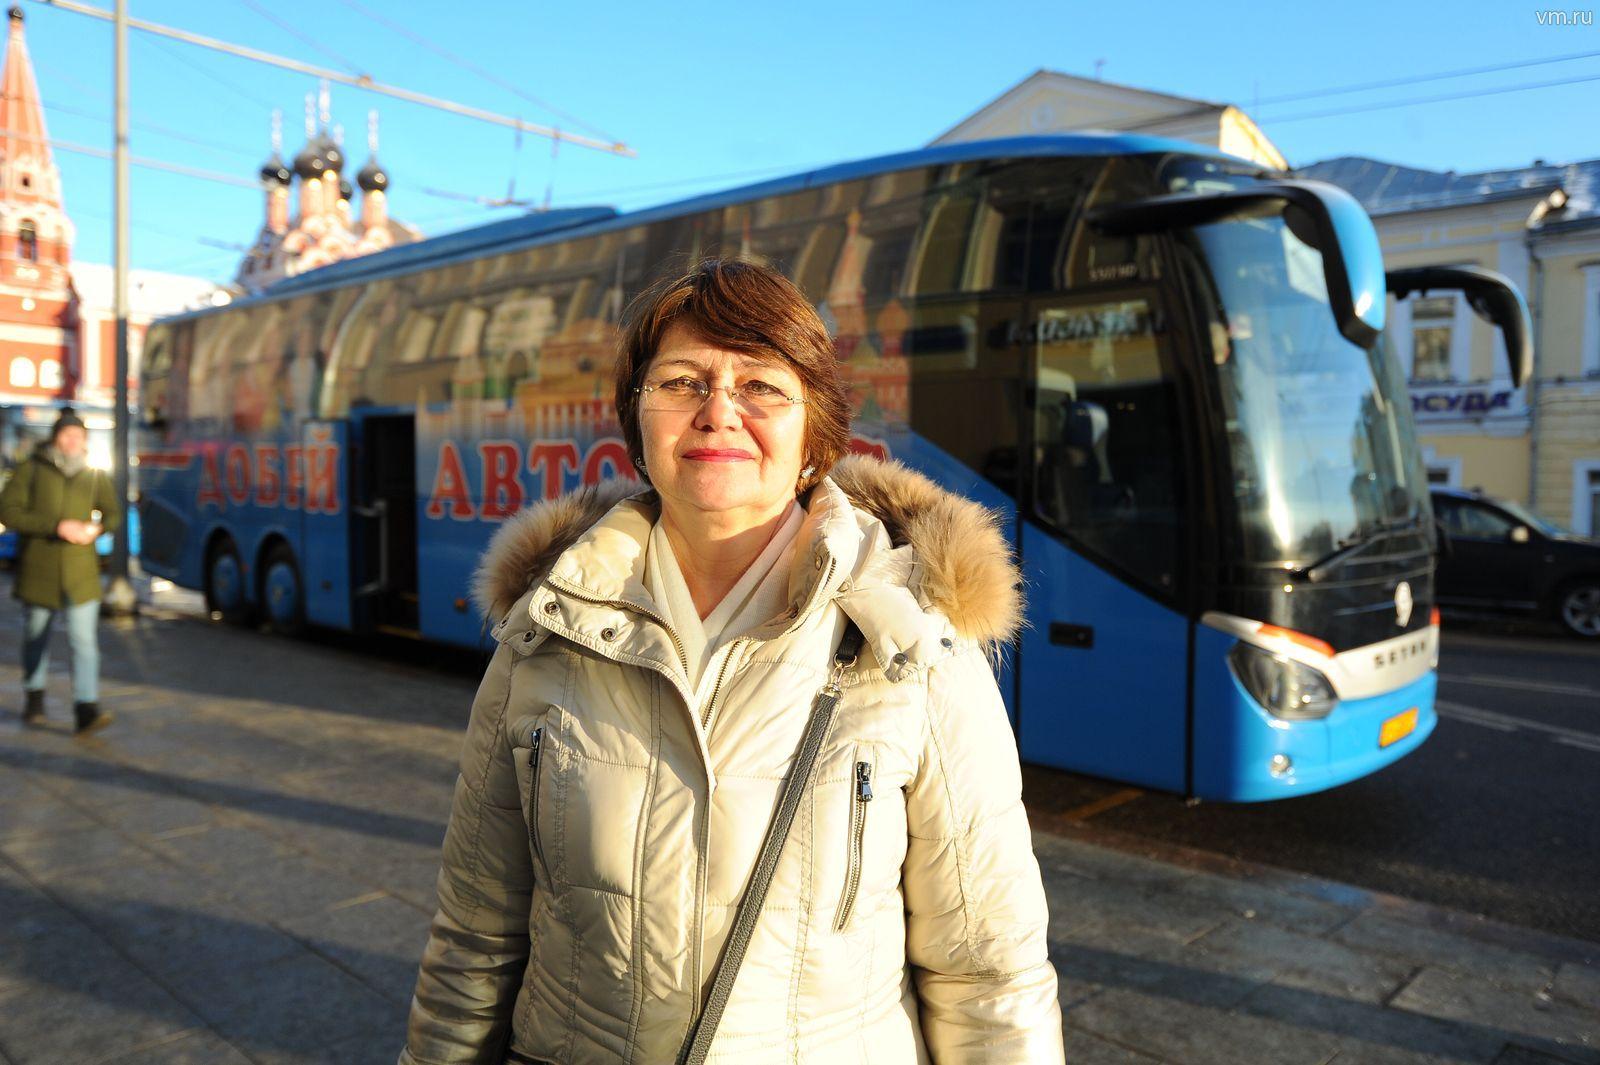 Более 500 экскурсий на «добрых автобусах» организовали для пожилых людей